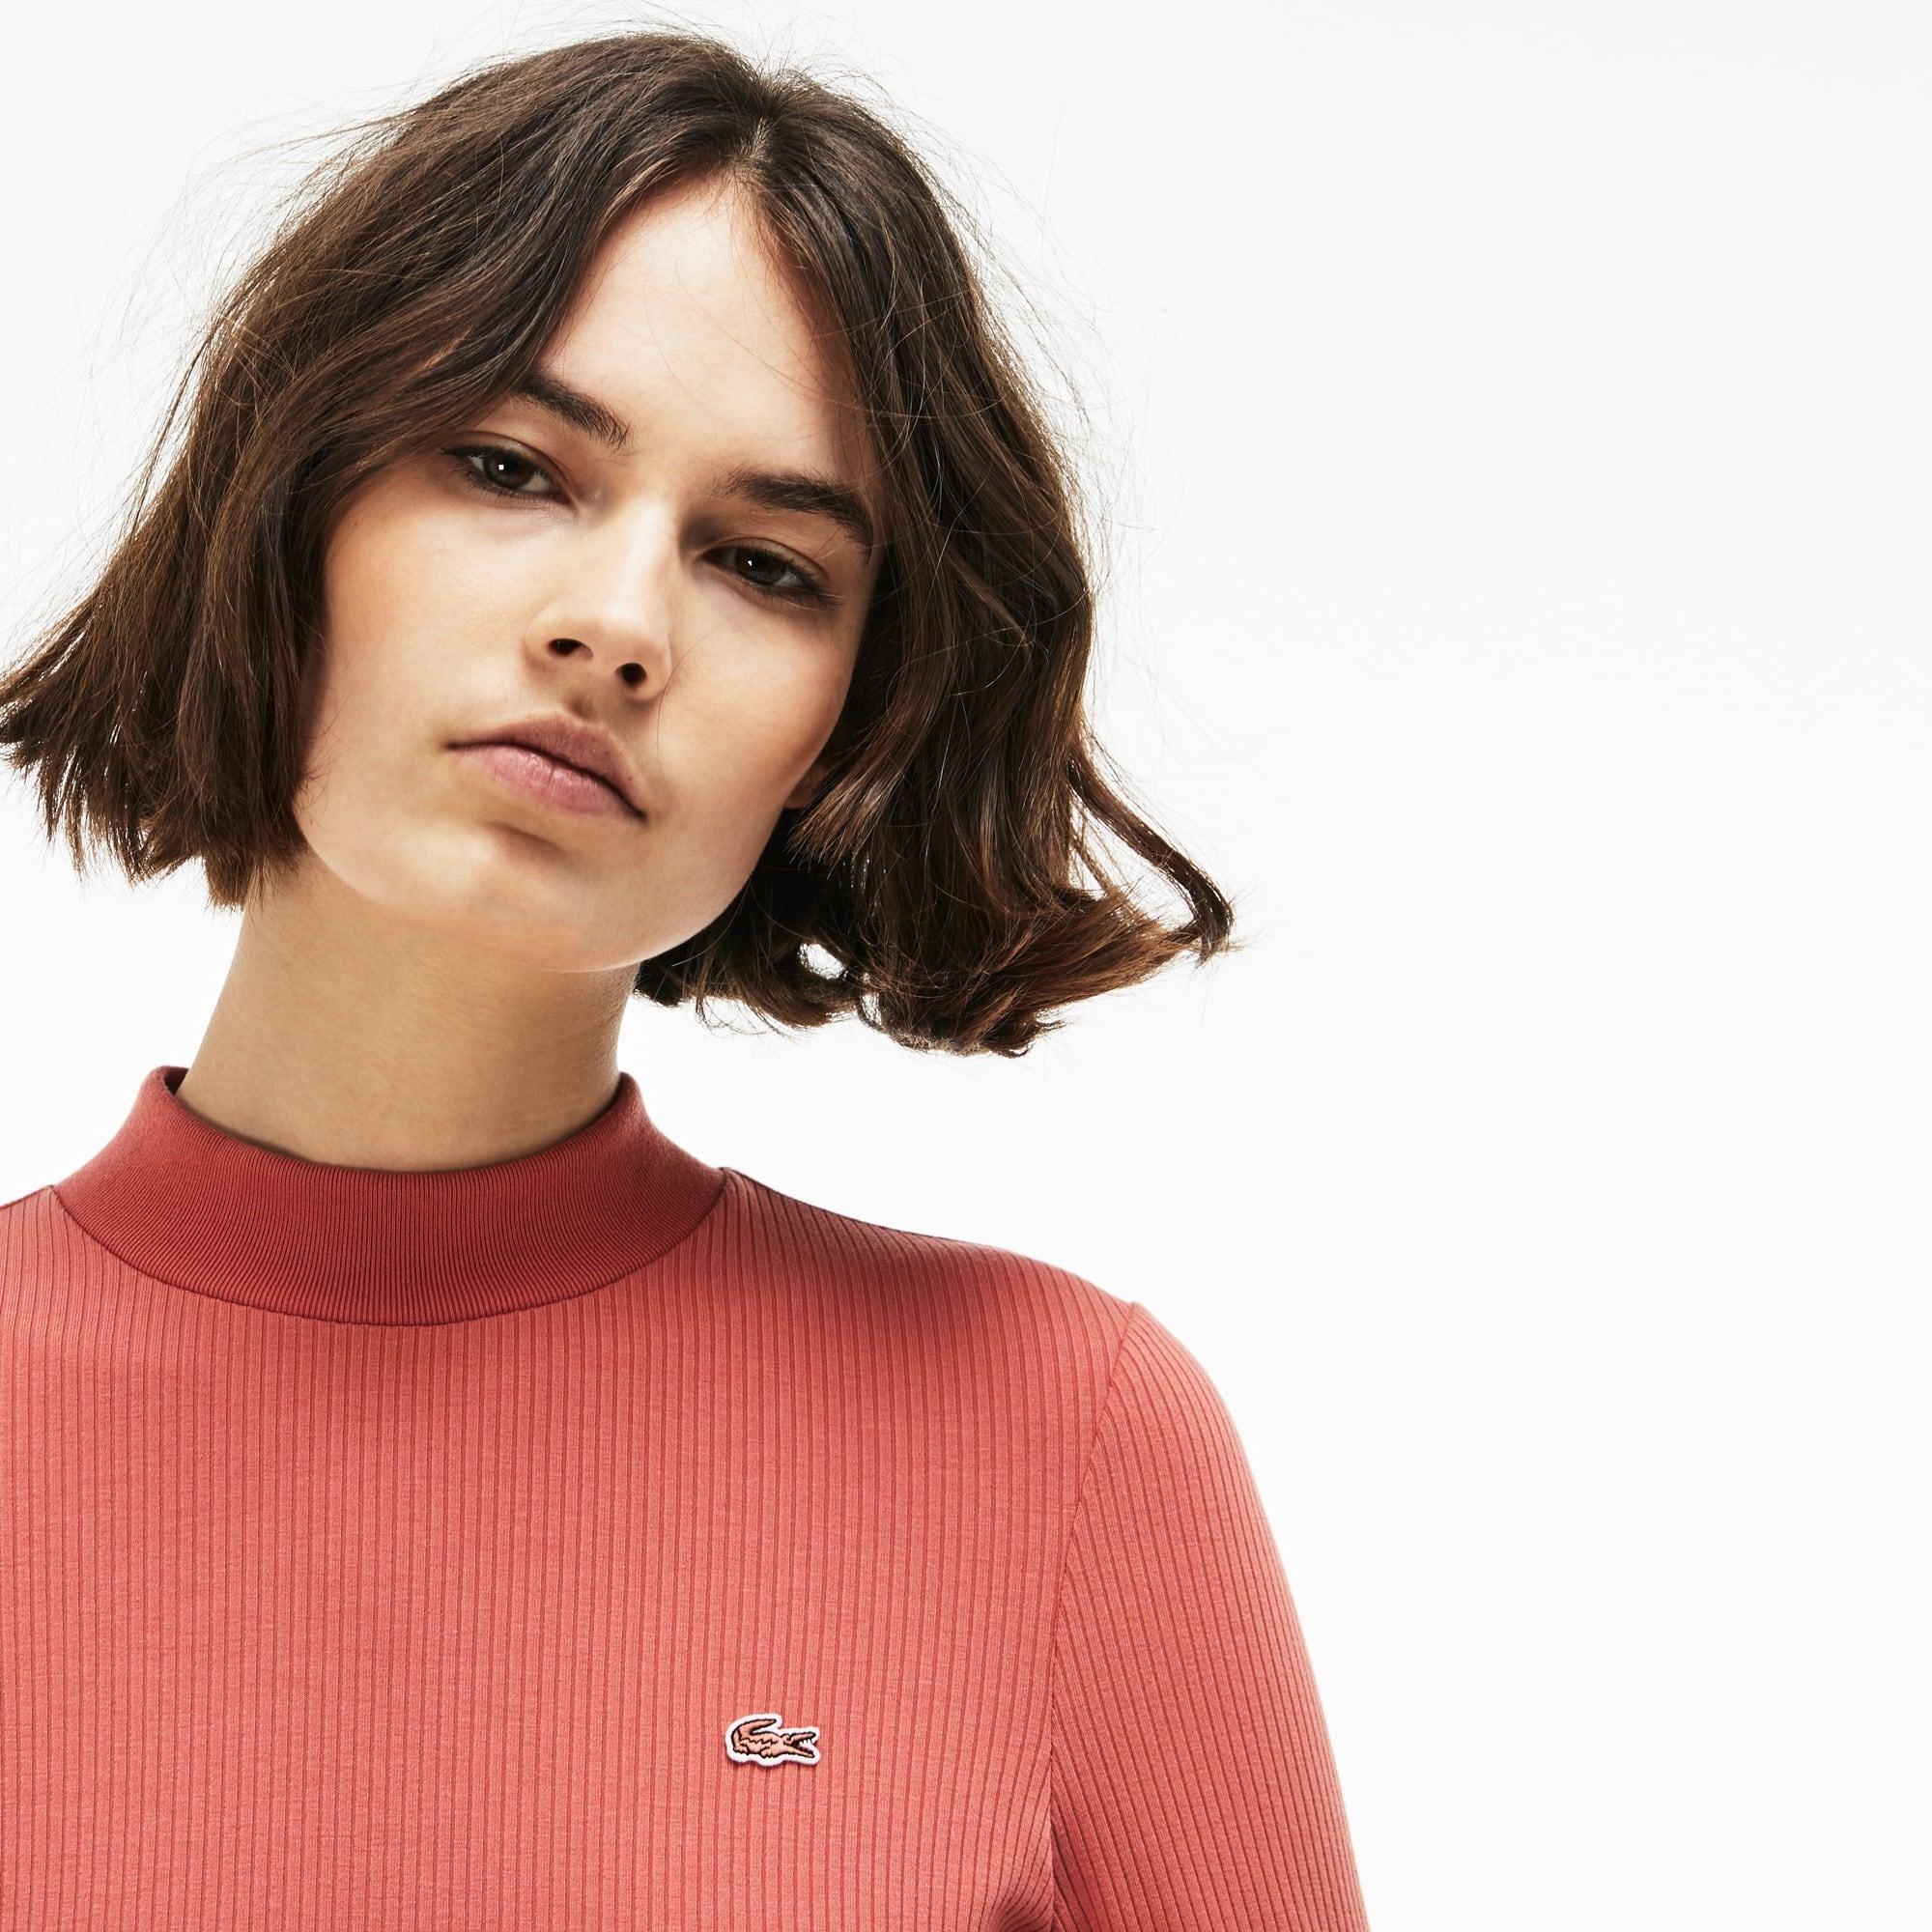 Camiseta de mujer cuello alto Lacoste Live algodón en canalé